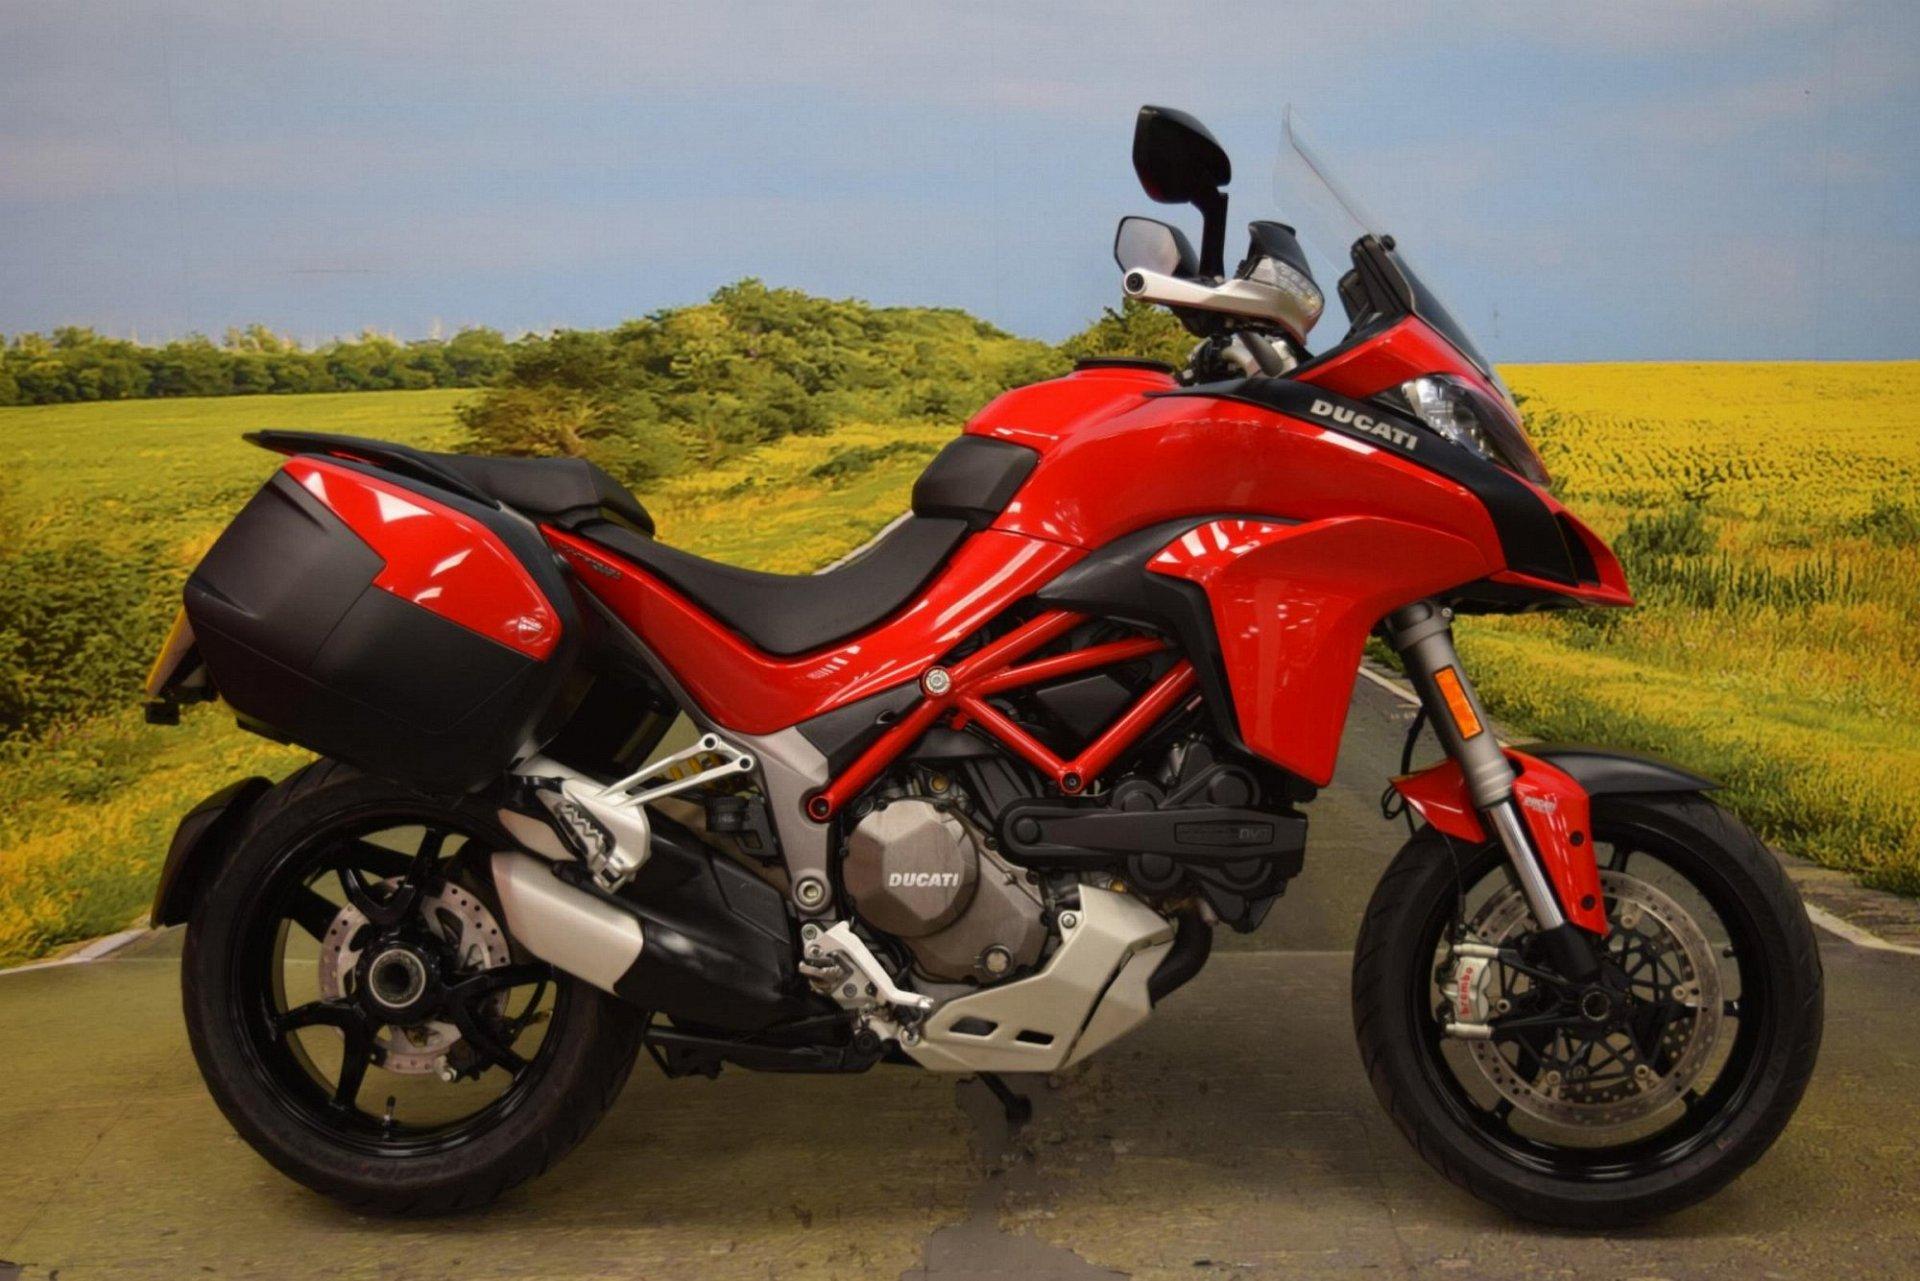 2016 Ducati Multistrada 1200 S for sale in Staffordshire